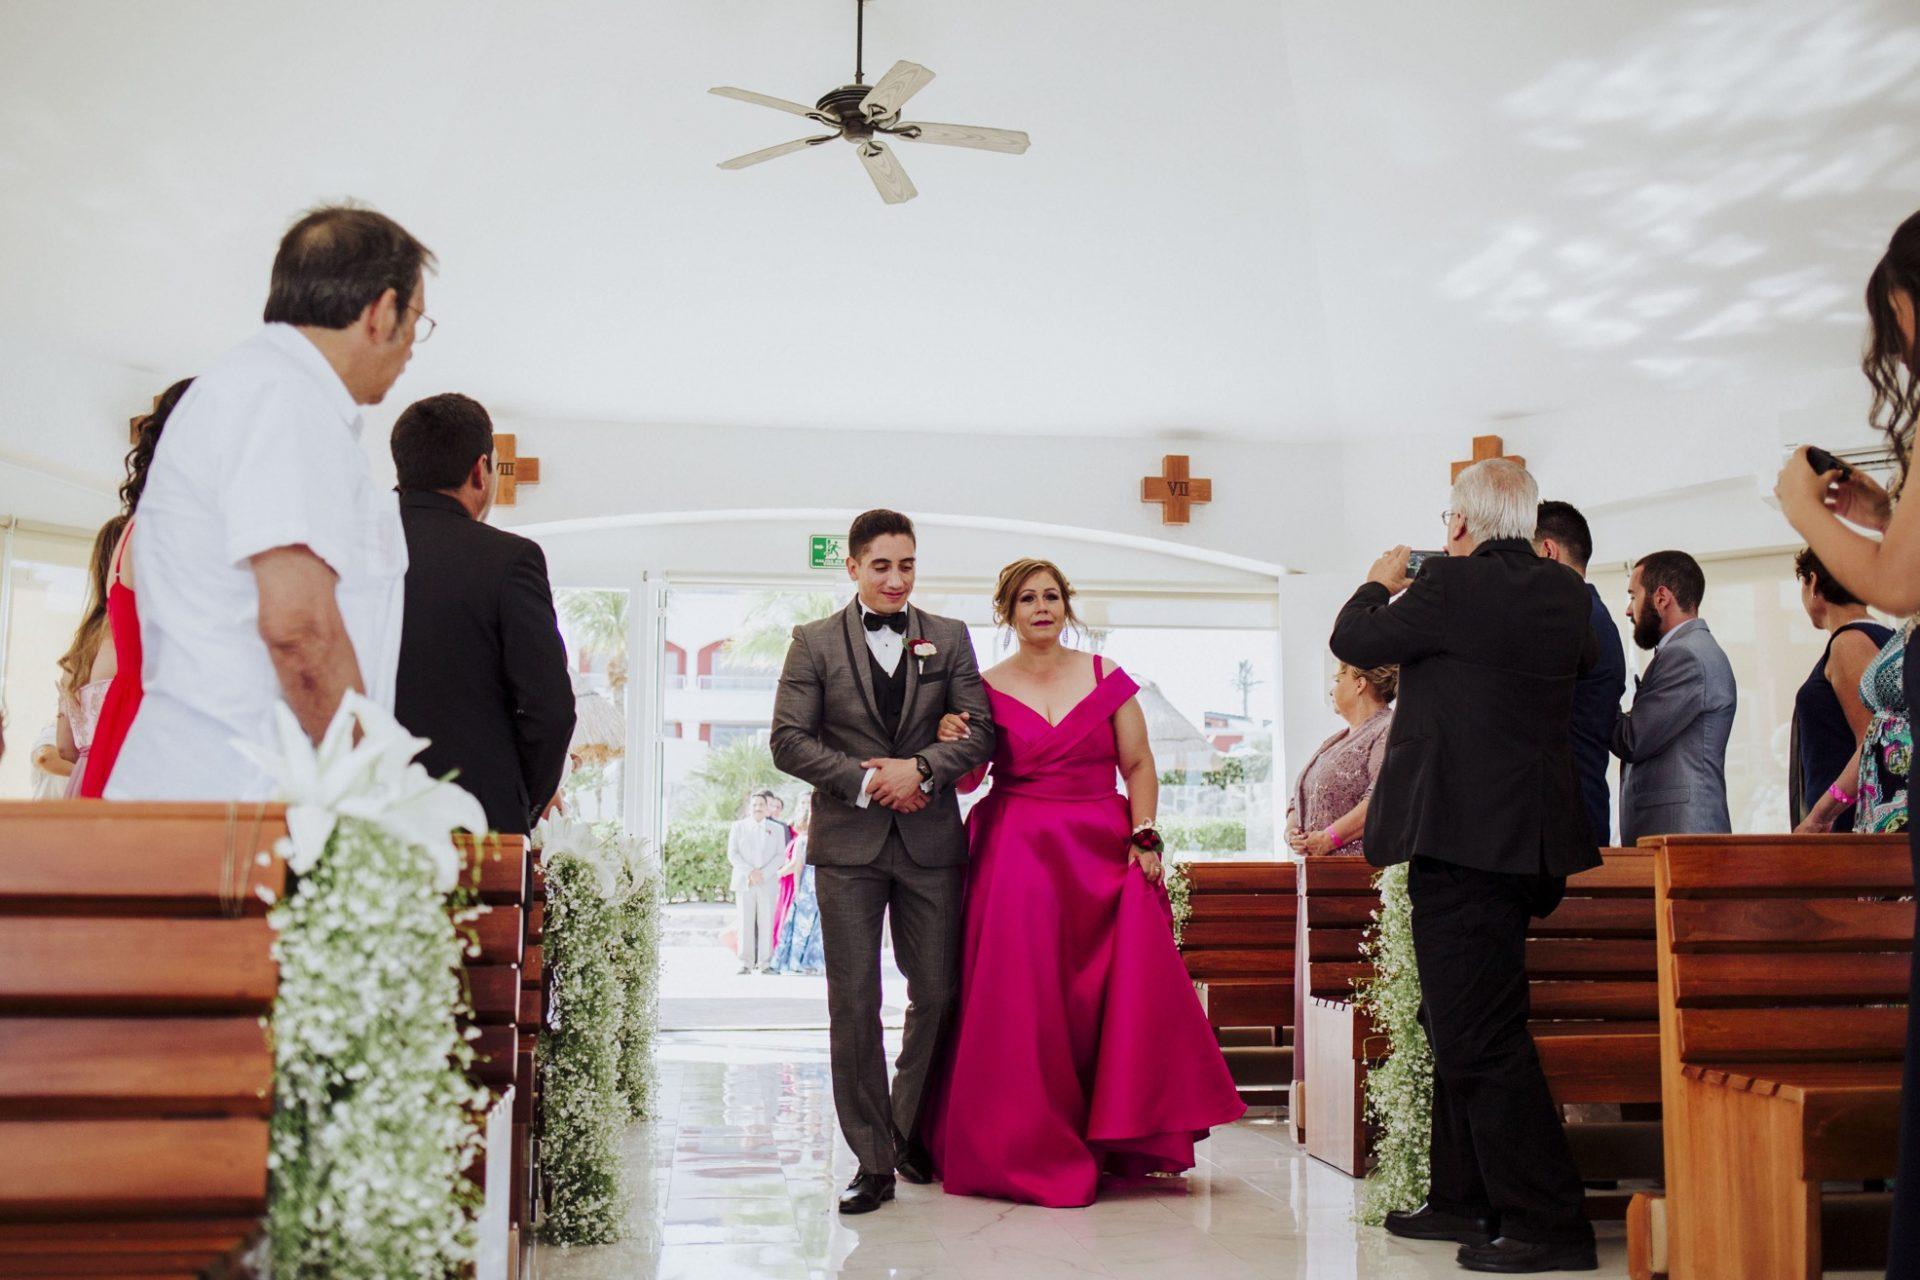 fotografo_bodas_profesional_zacatecas_riviera_maya_cancun-211